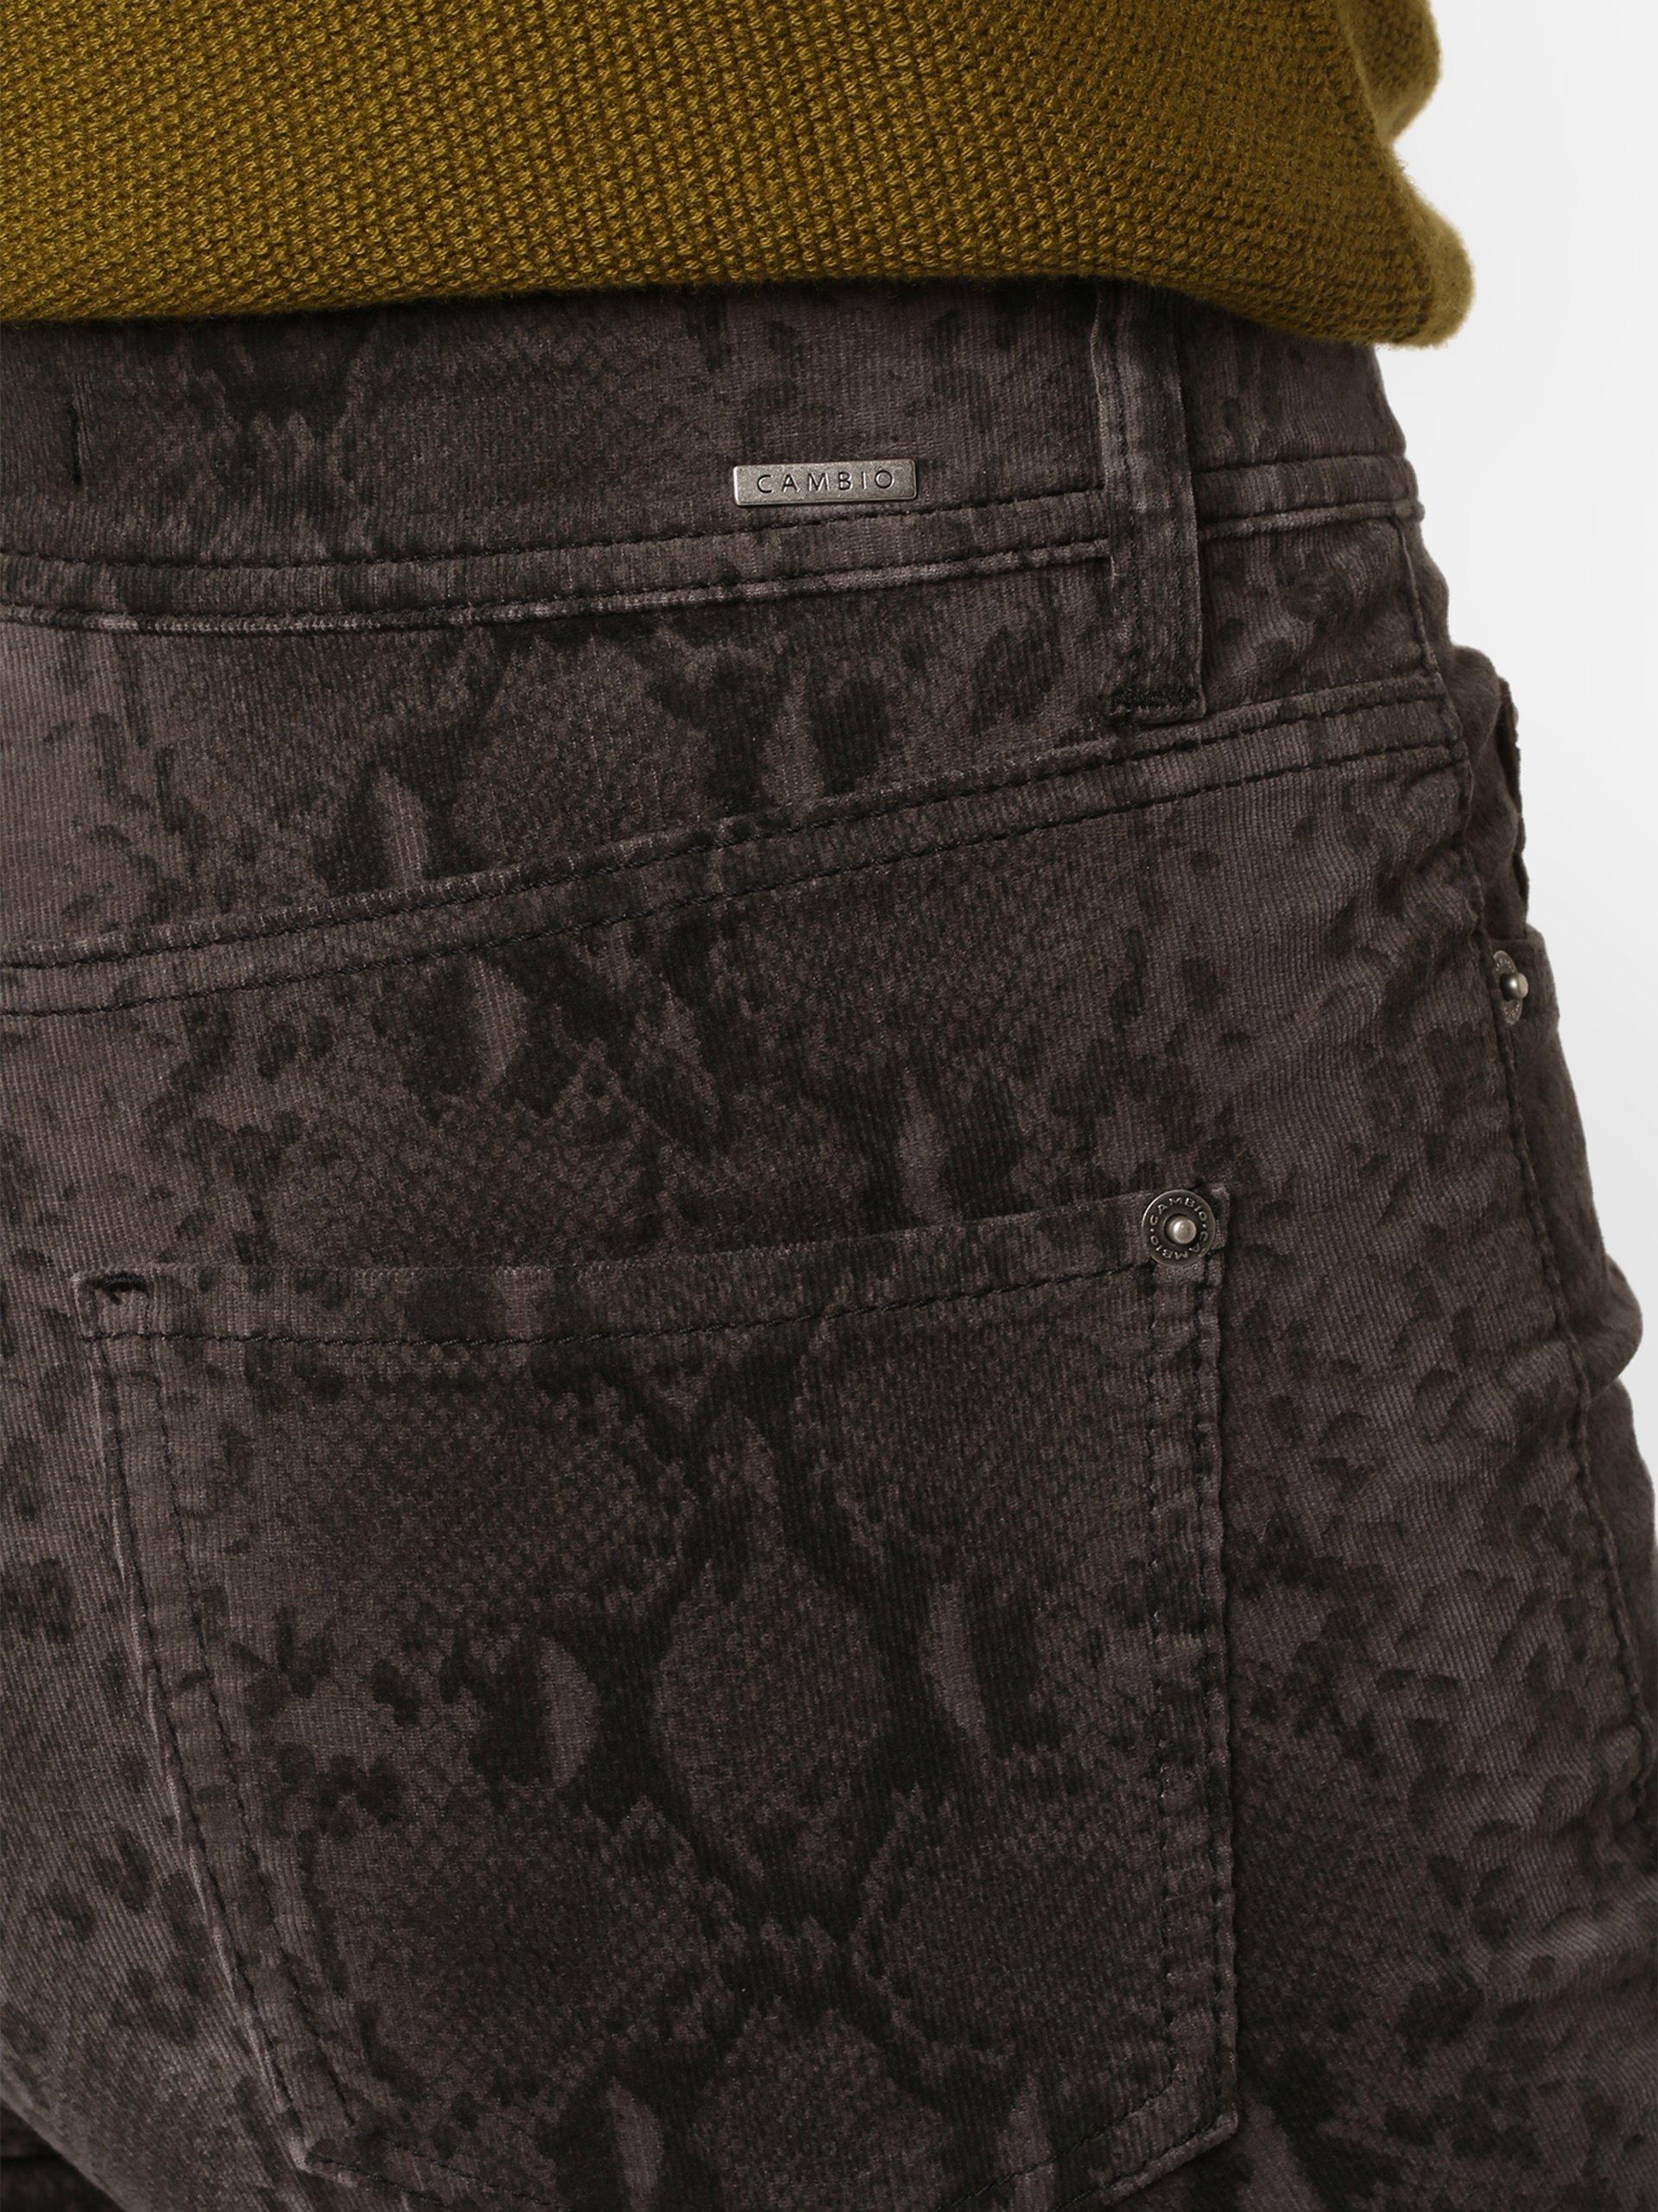 Cambio Spodnie damskie – Parla